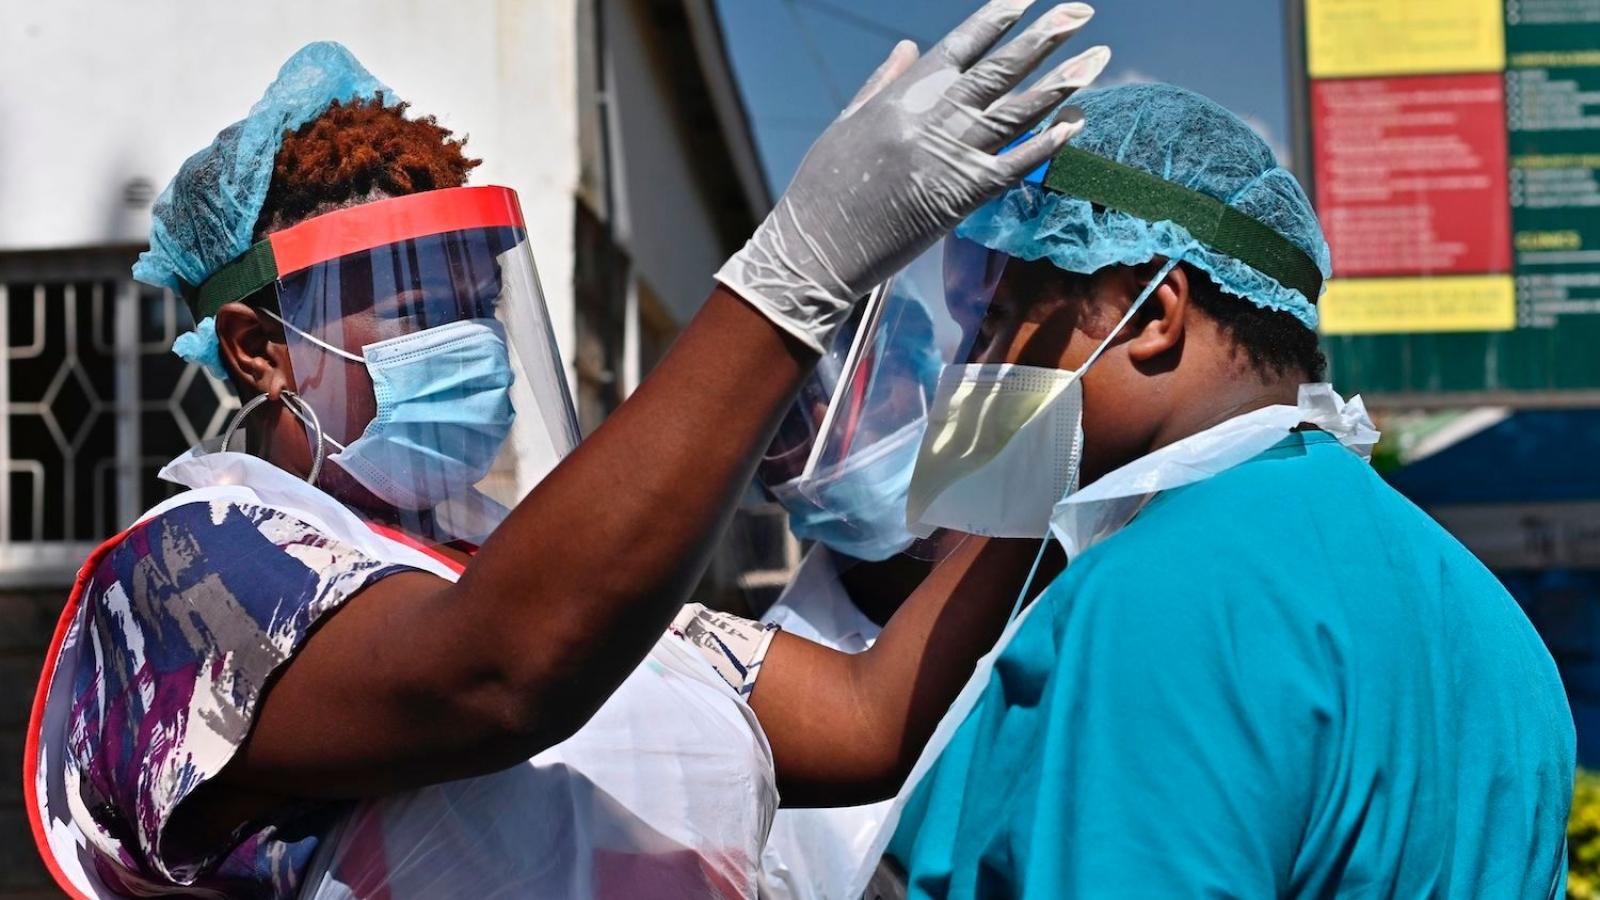 Kenya gia hạn lệnh giới nghiêm ban đêm và cấm tụ tập để phòng COVID-19